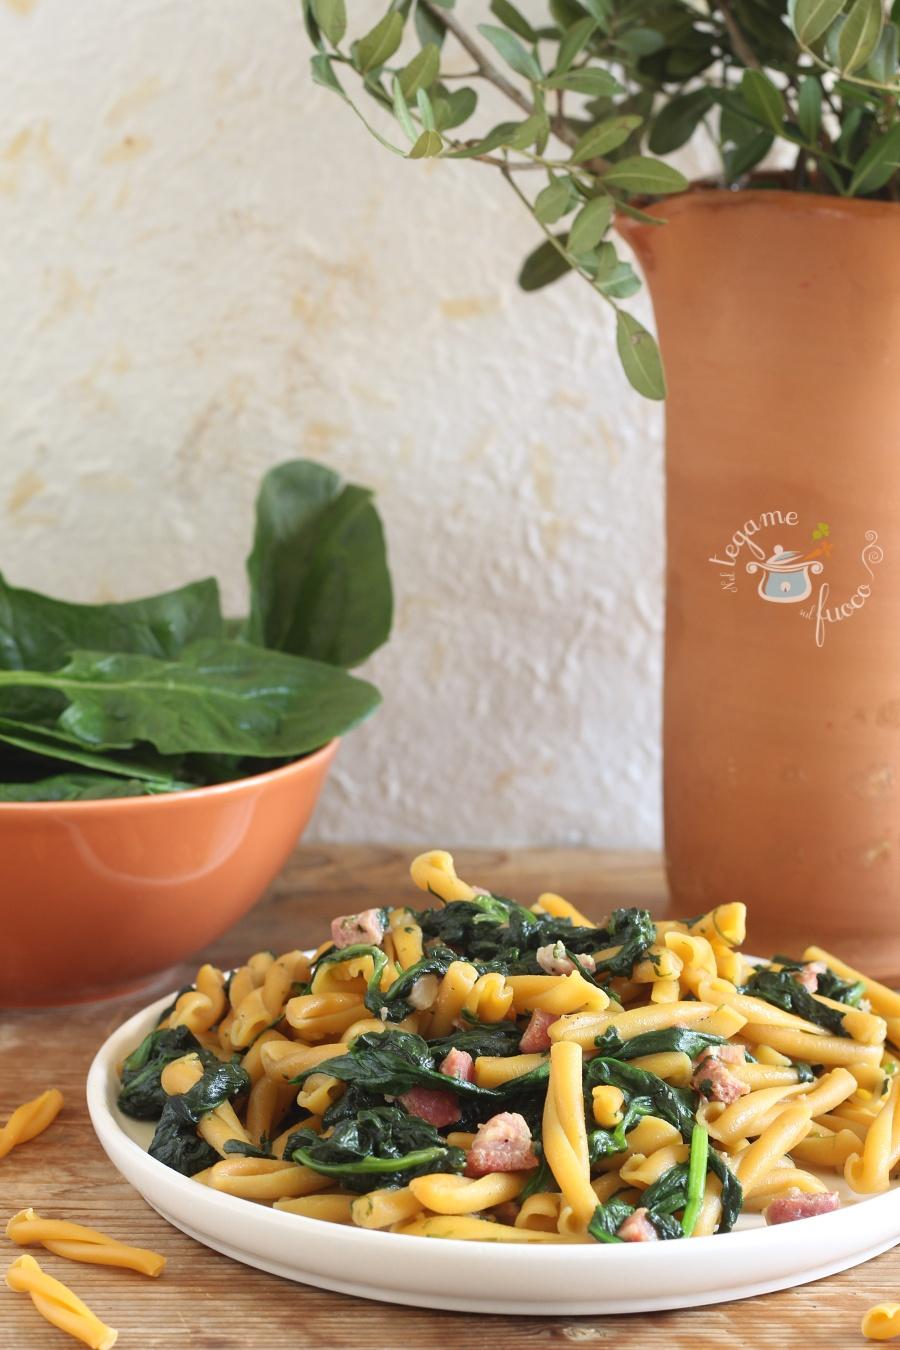 casarecce di ceci risottate cotte in padella con spinaci e pancetta